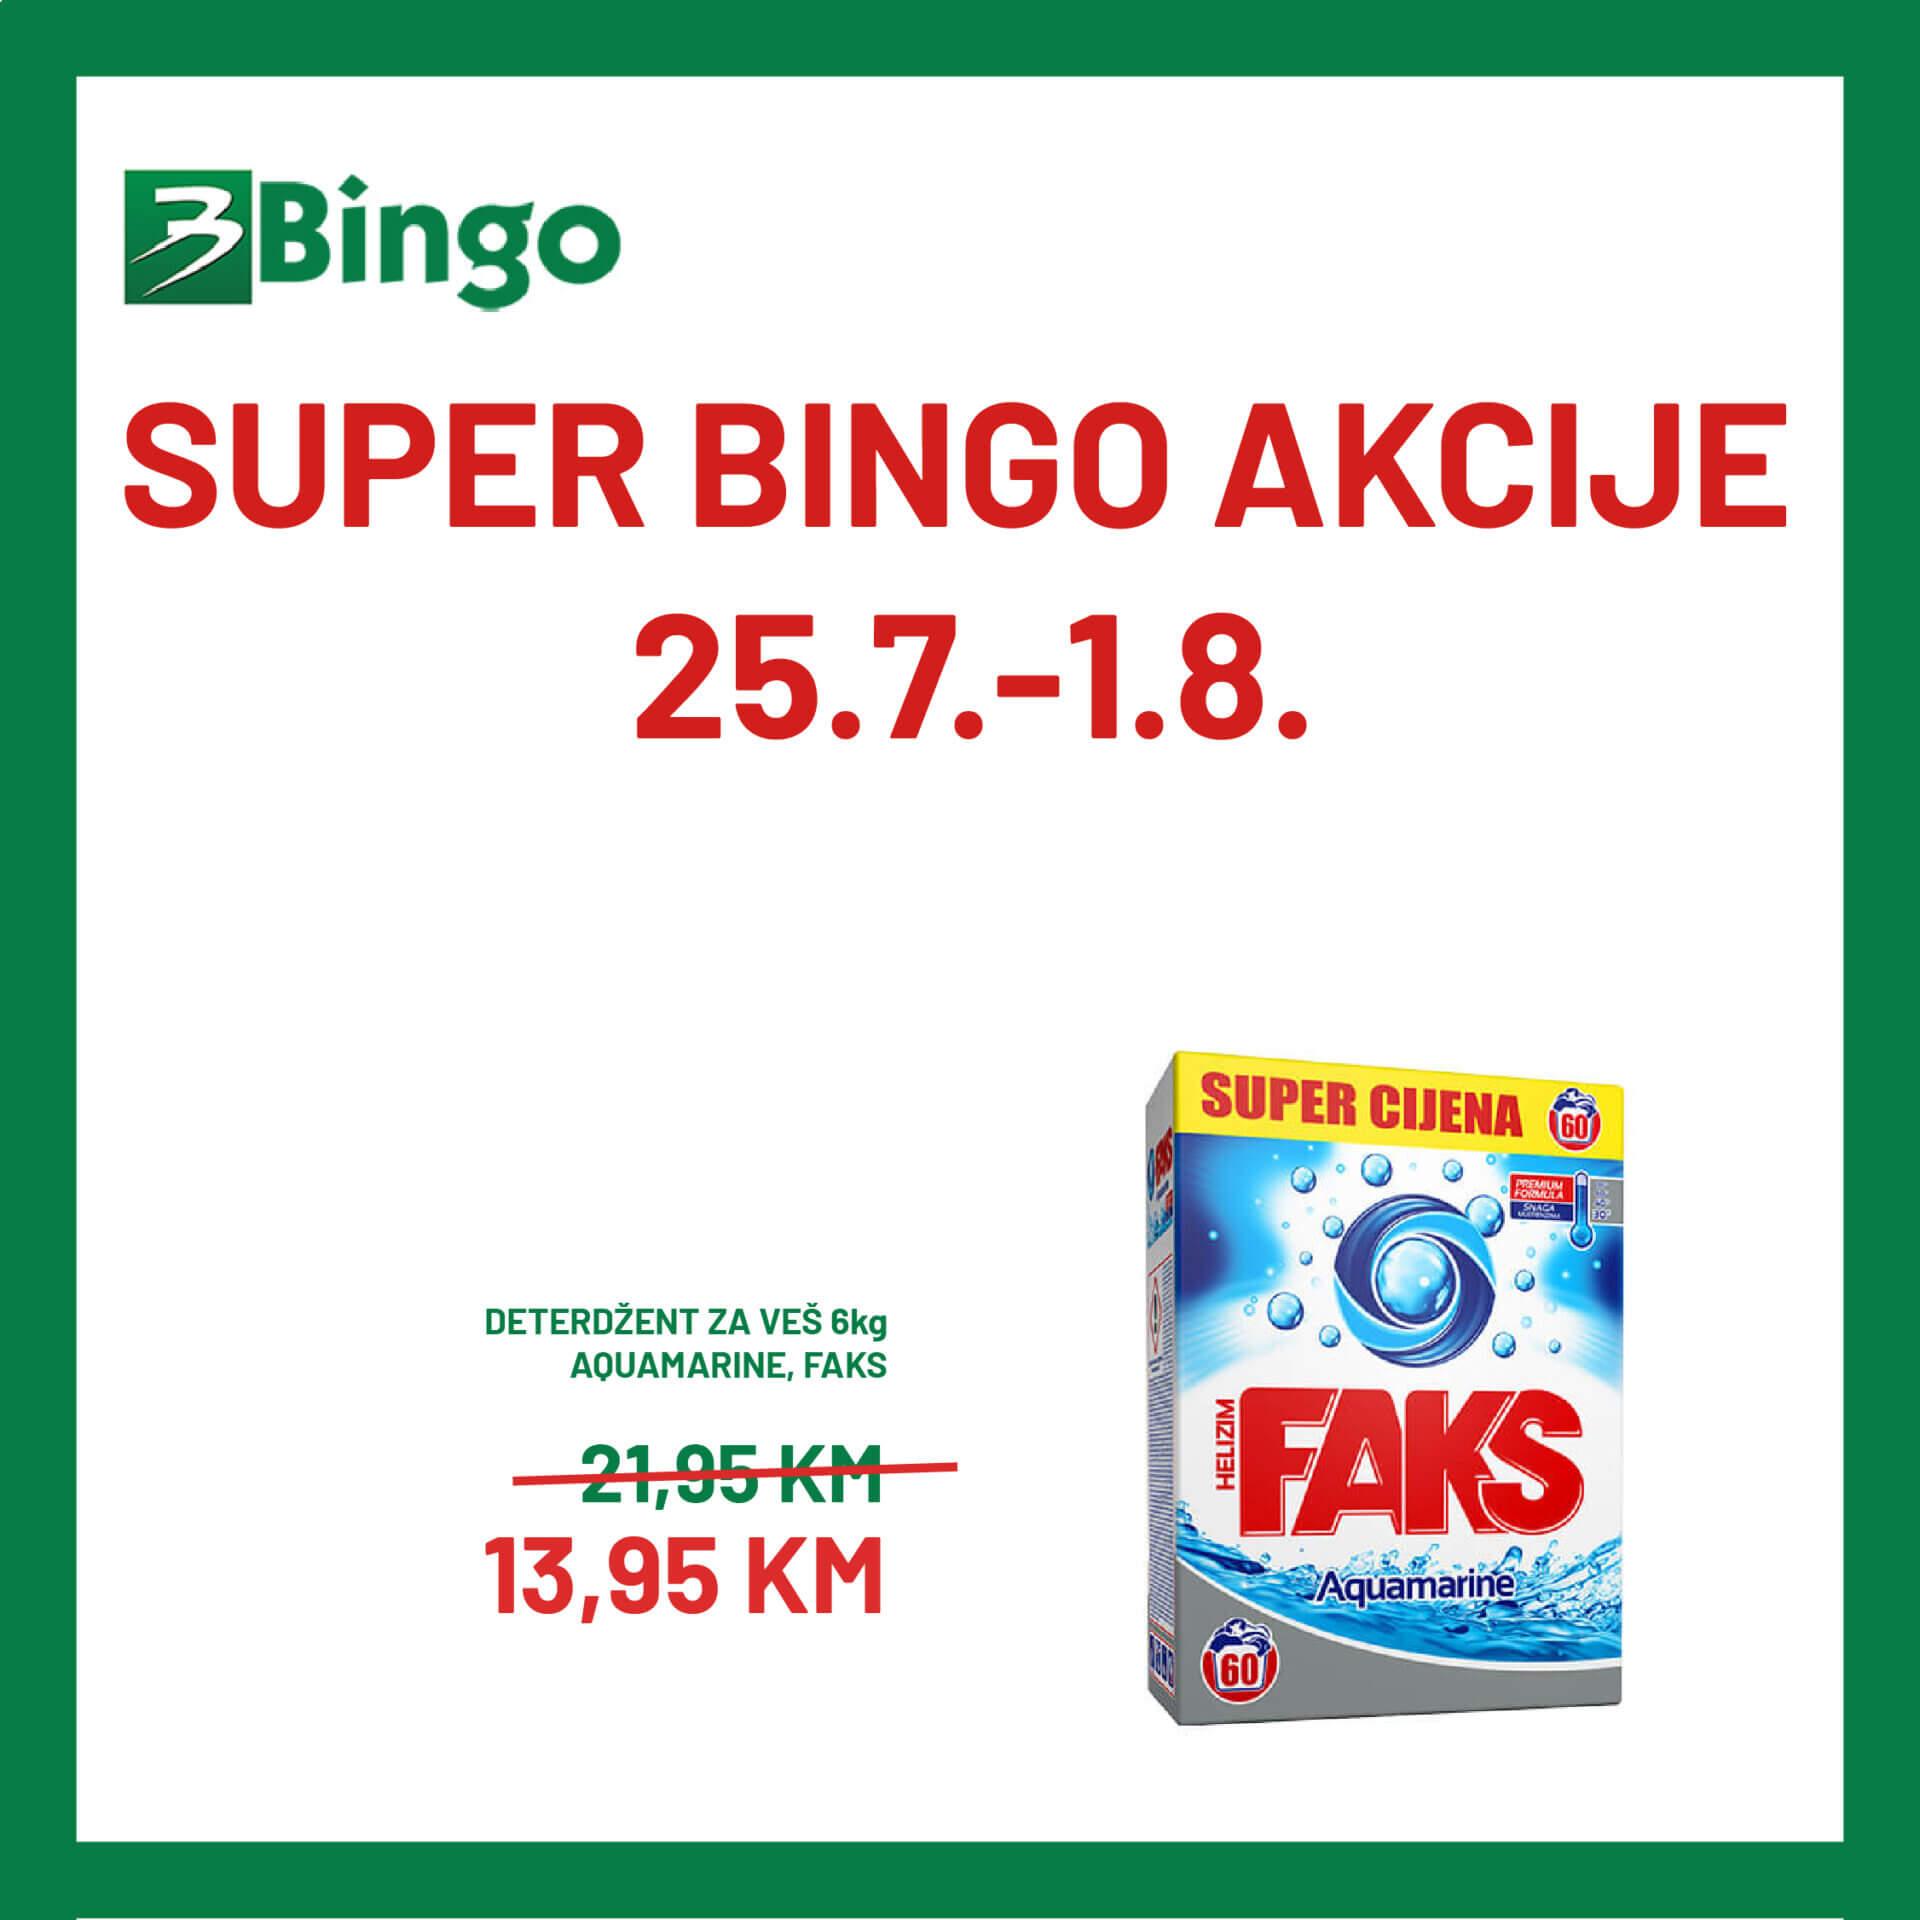 BINGO akcija 25.7. 1.8 01 1